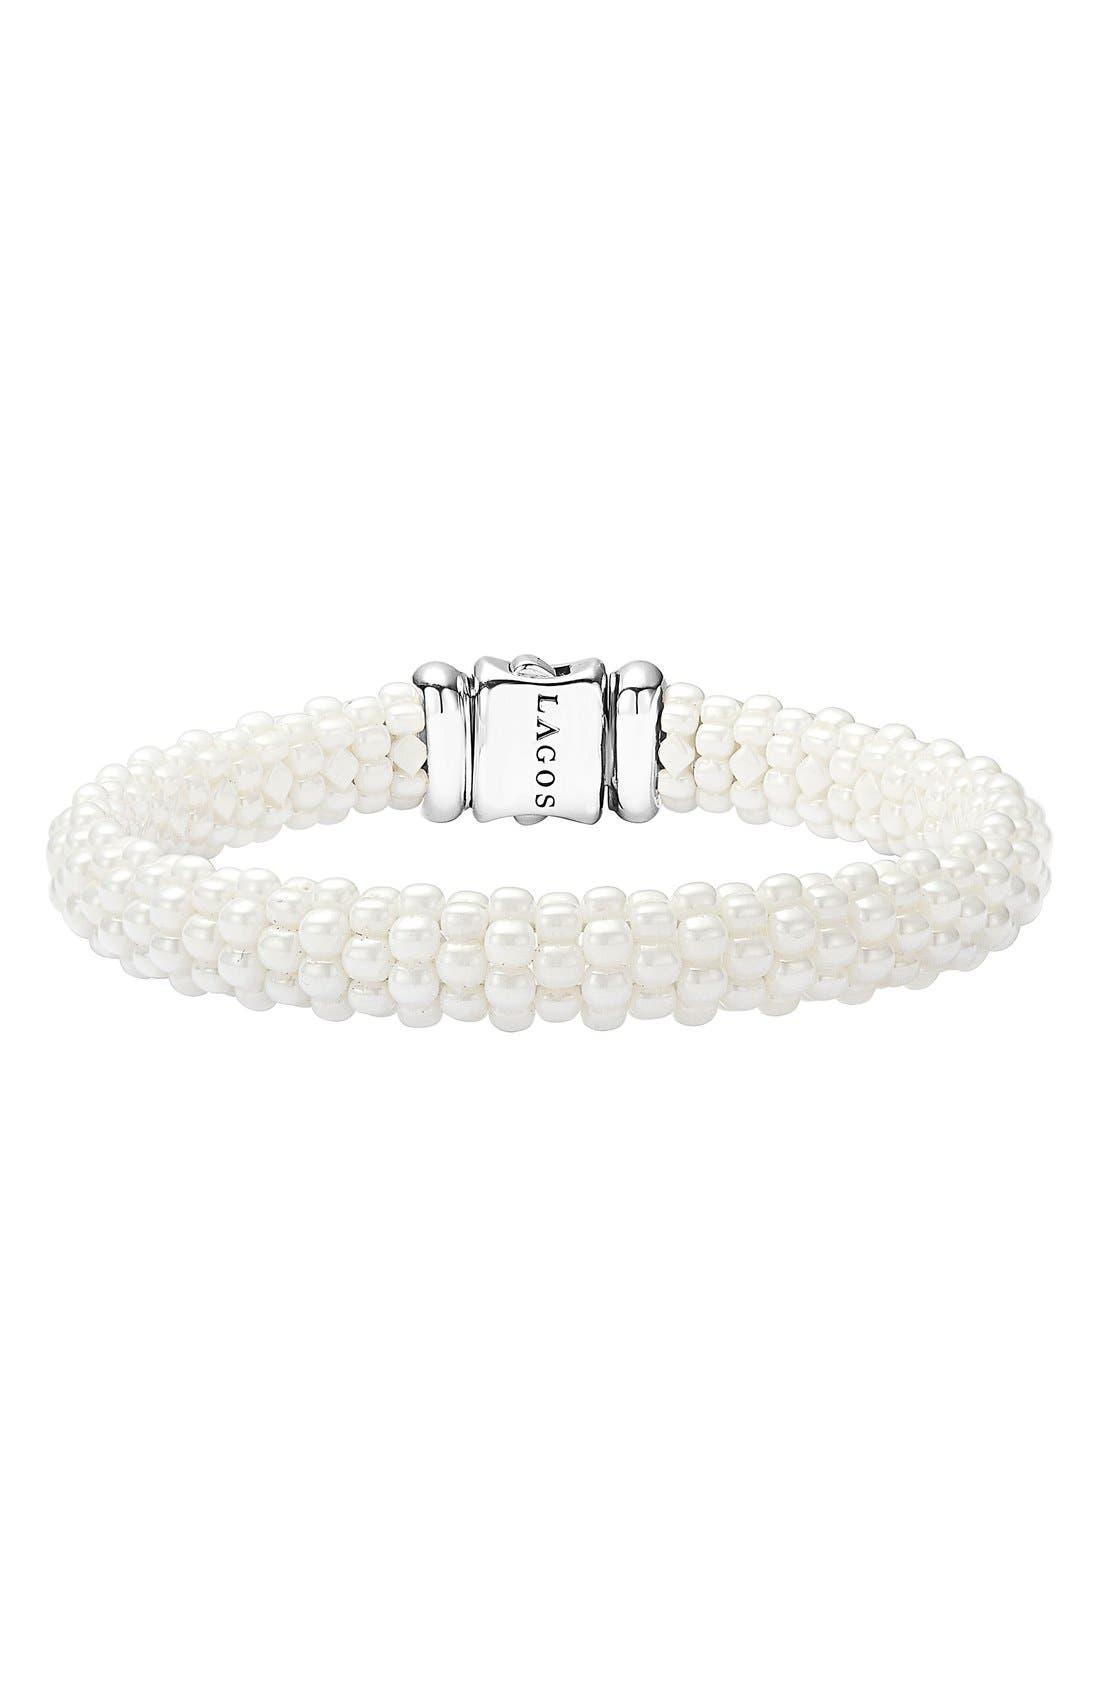 Main Image - LAGOS 'White Caviar' Rope Bracelet